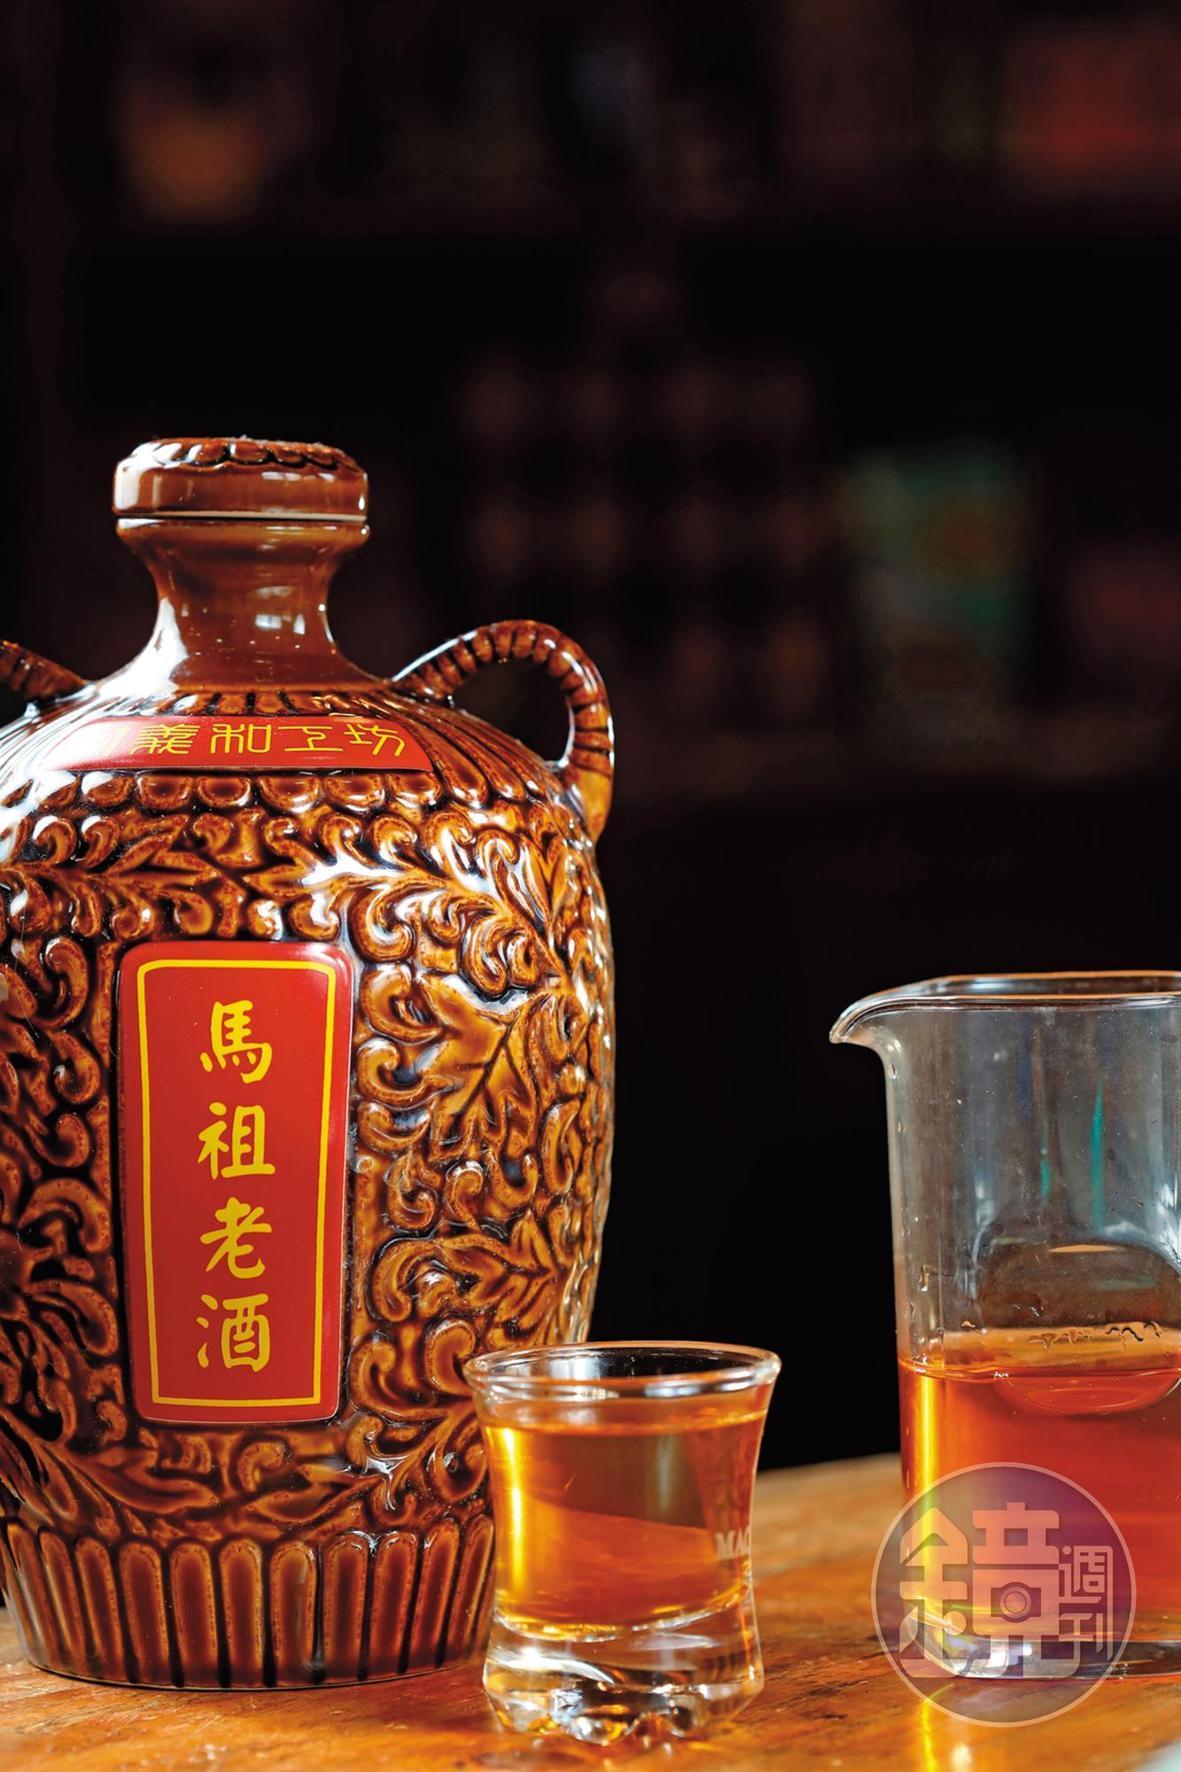 在工坊不但能品嘗美食,也能體驗馬祖老酒DIY,把好酒帶回家。(450元/人, 含酒甕)